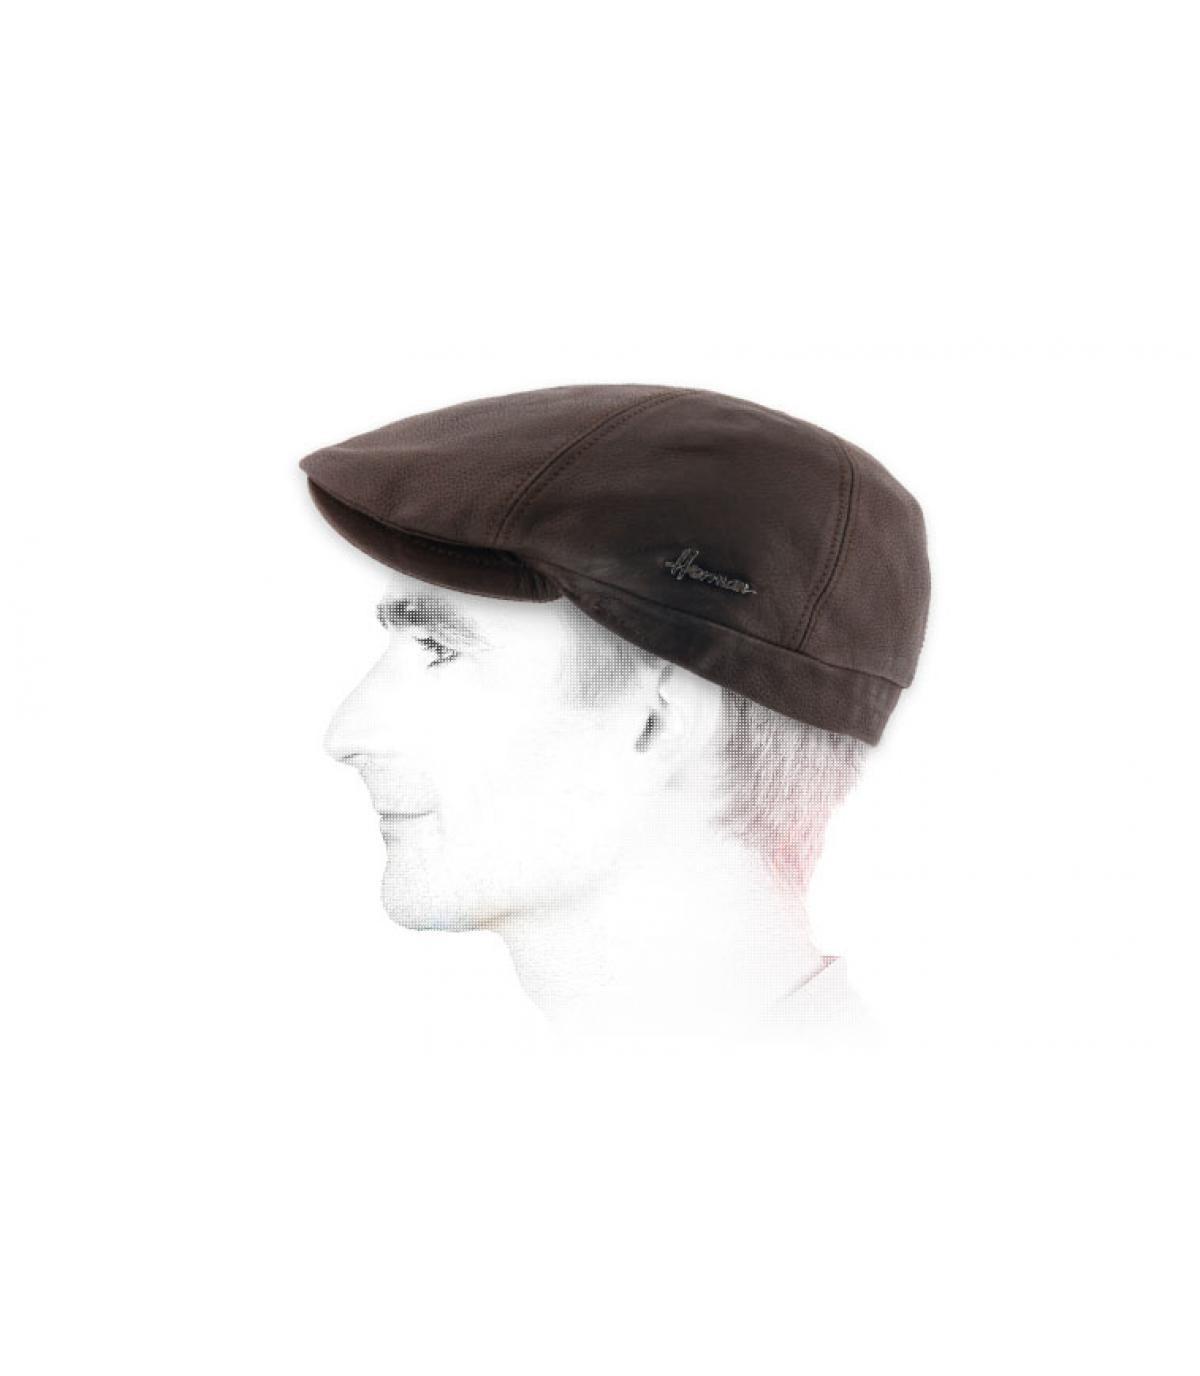 gorra cuero marrón